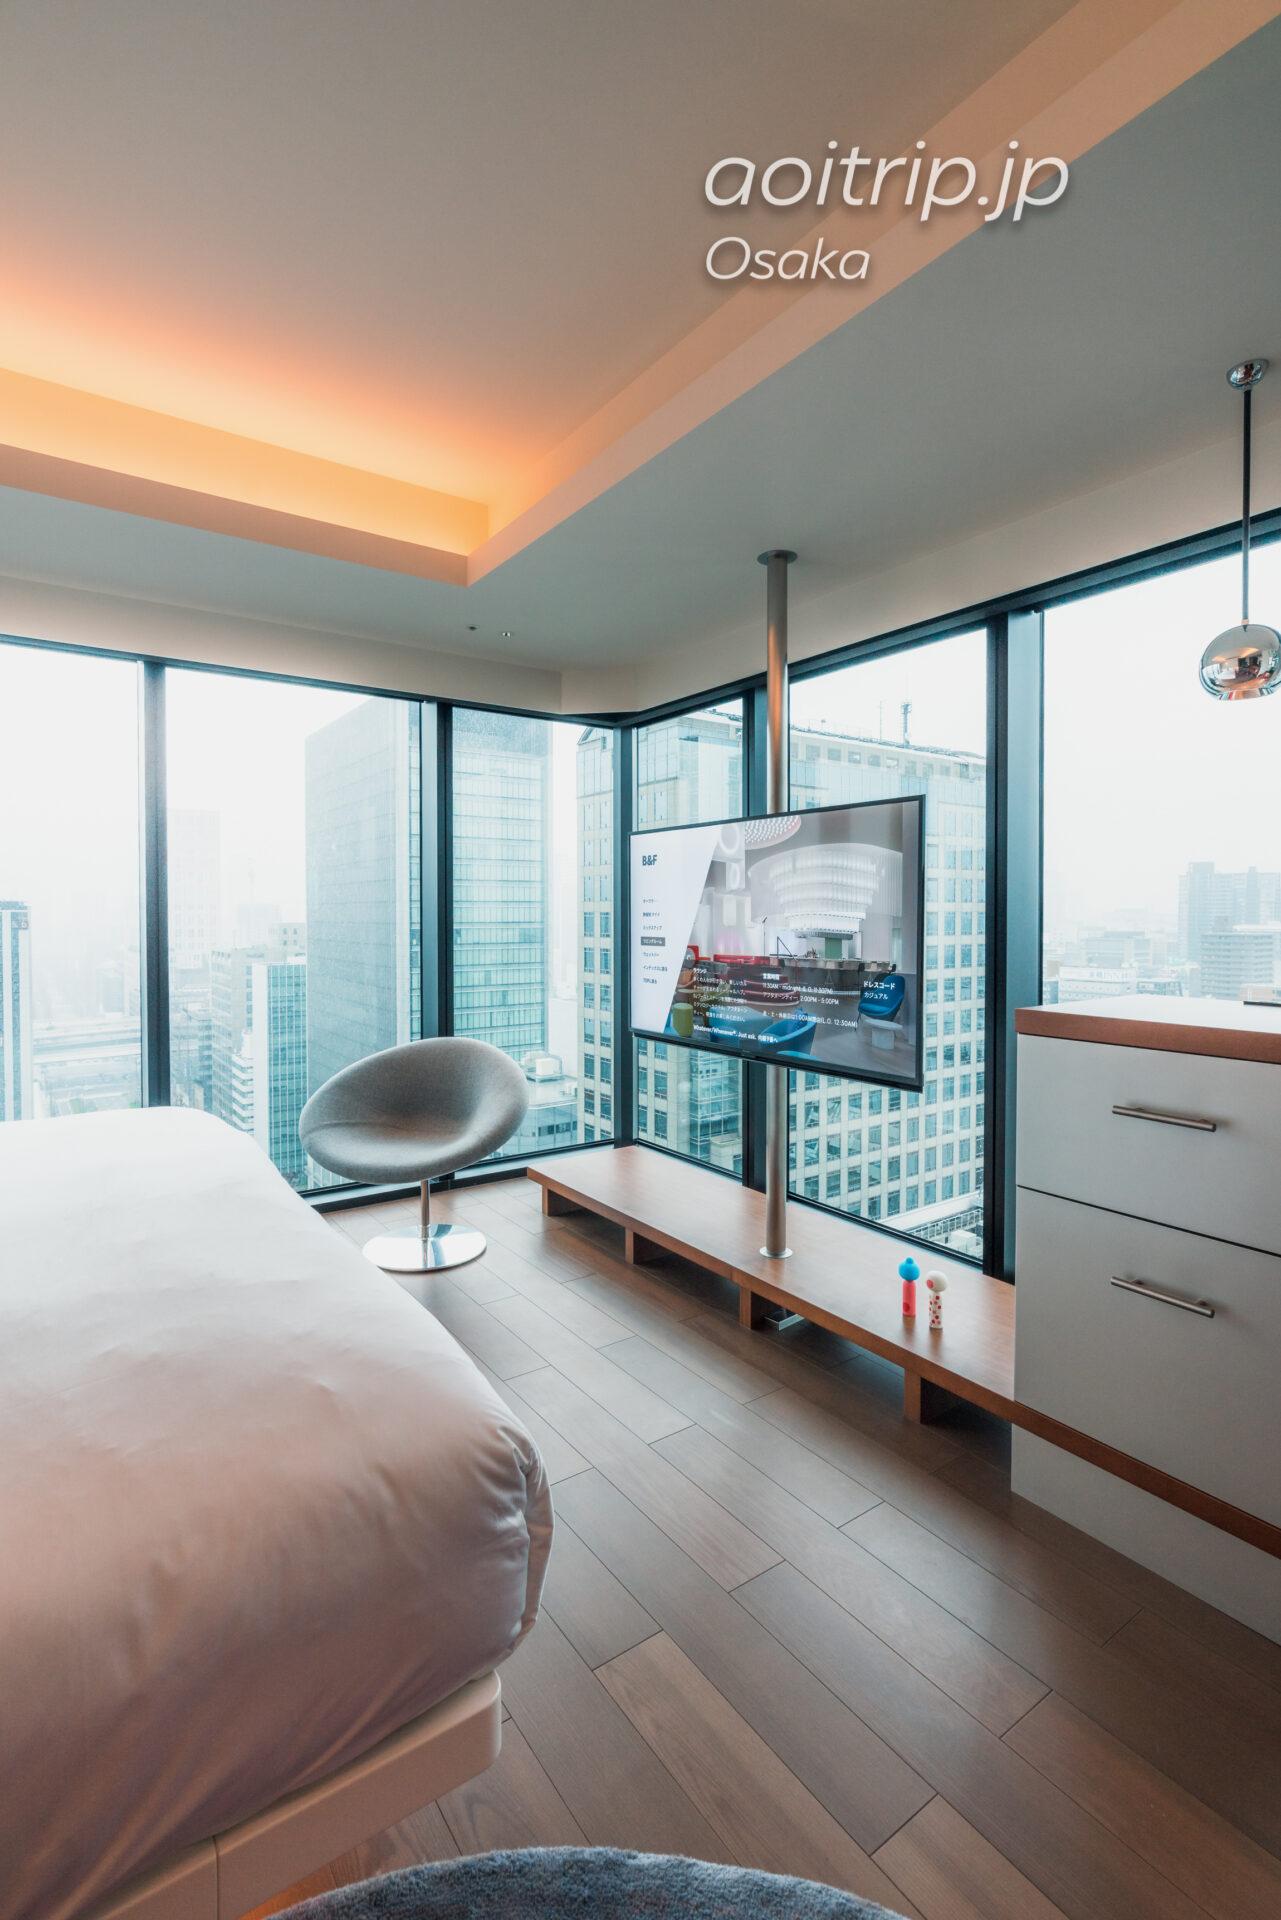 W大阪の客室 スペクタキュラー, 1 キング, シティビュー, コーナールーム Spectacular Guest room, 1 King, City view, Corner room